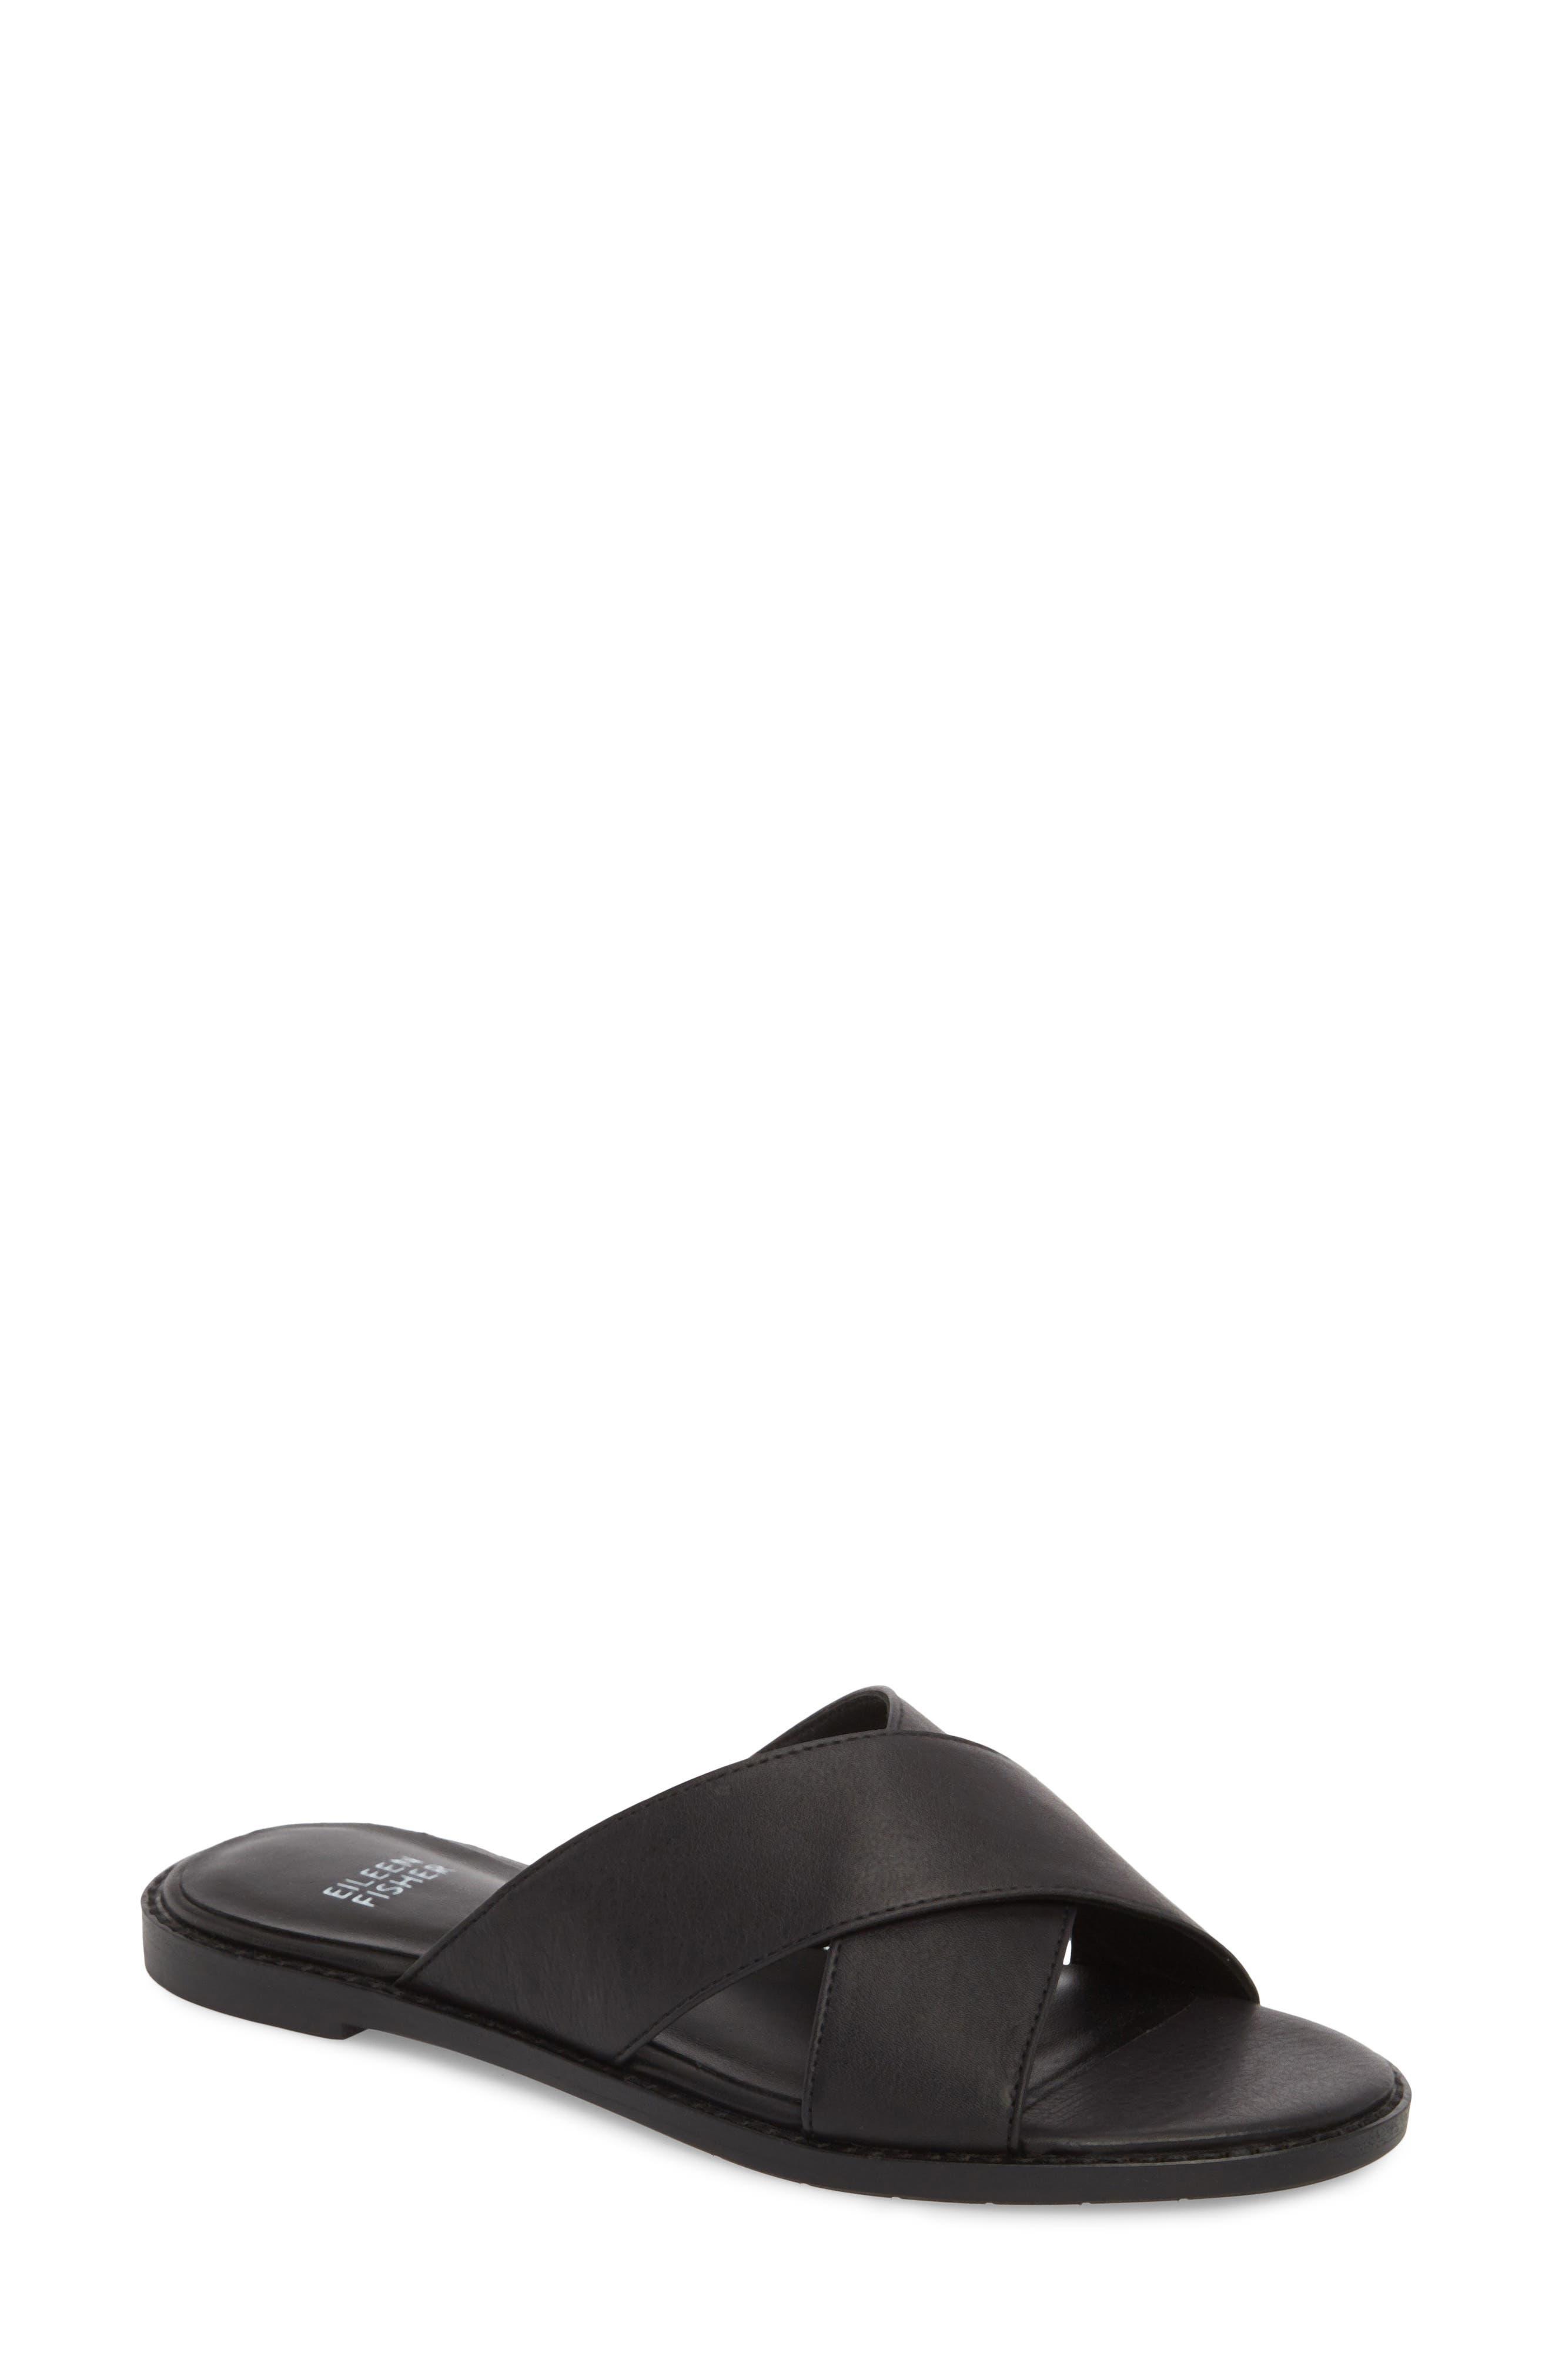 Cape Slide Sandal,                         Main,                         color, 001